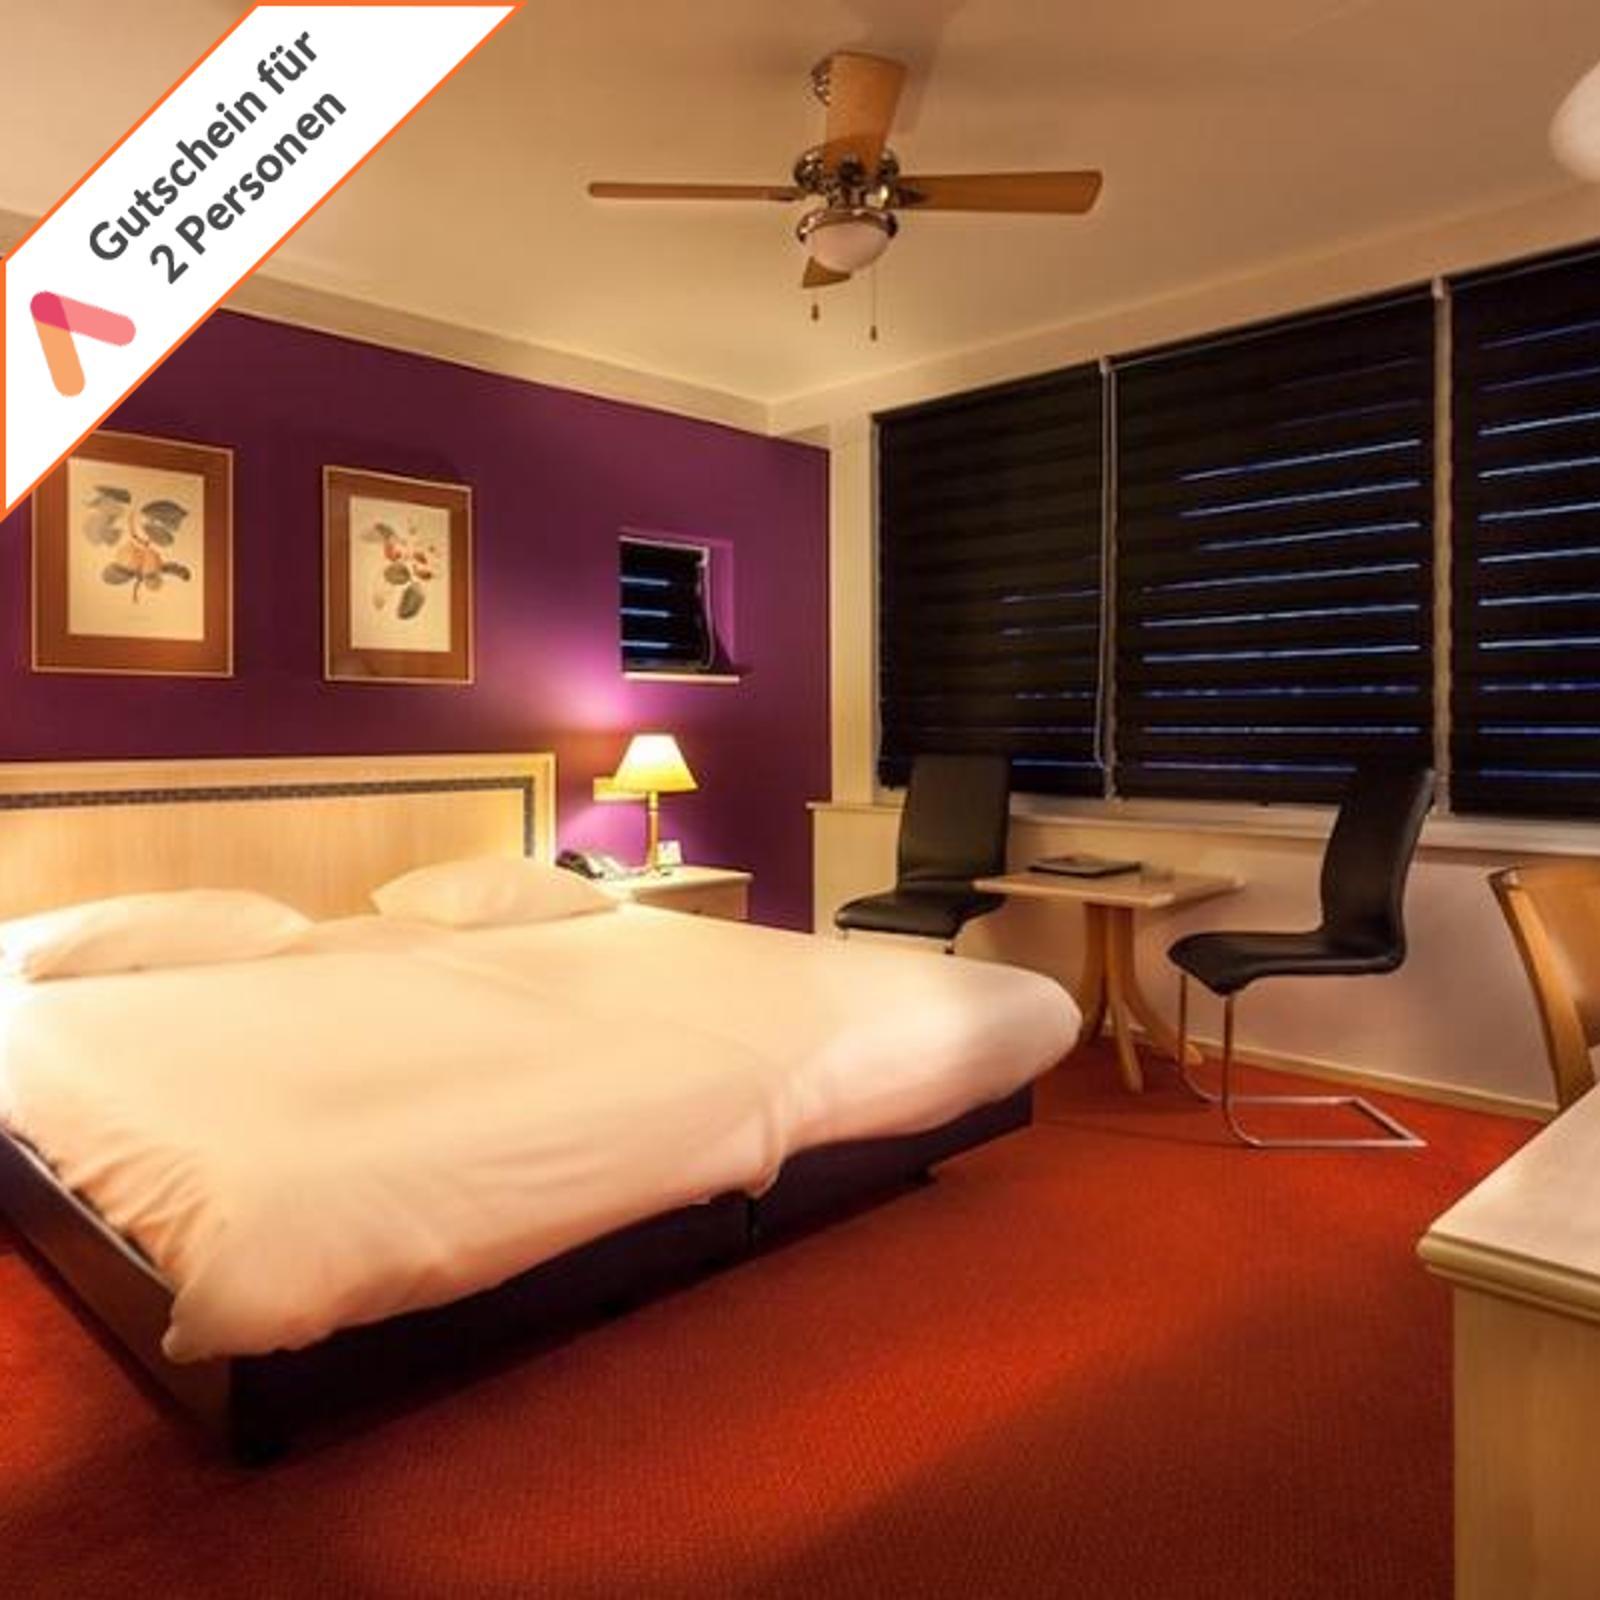 Kurzreise Holland Groningen Stadskanaal 3 Tage im 4 Sterne Hotel für 2 Personen